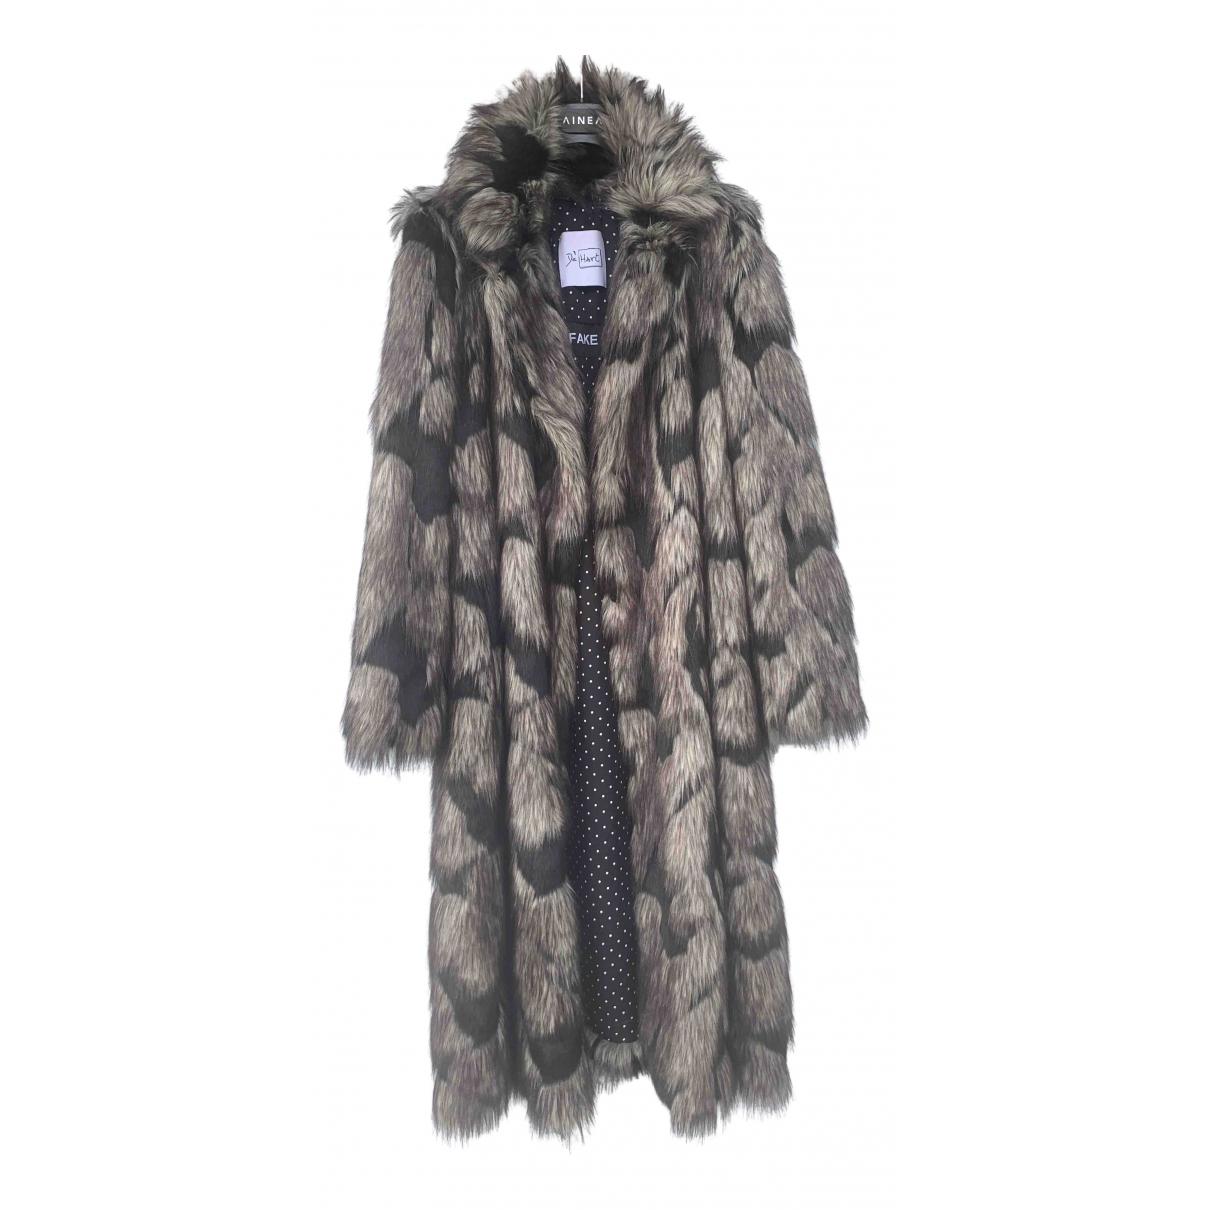 De Hart - Manteau   pour femme en fourrure synthetique